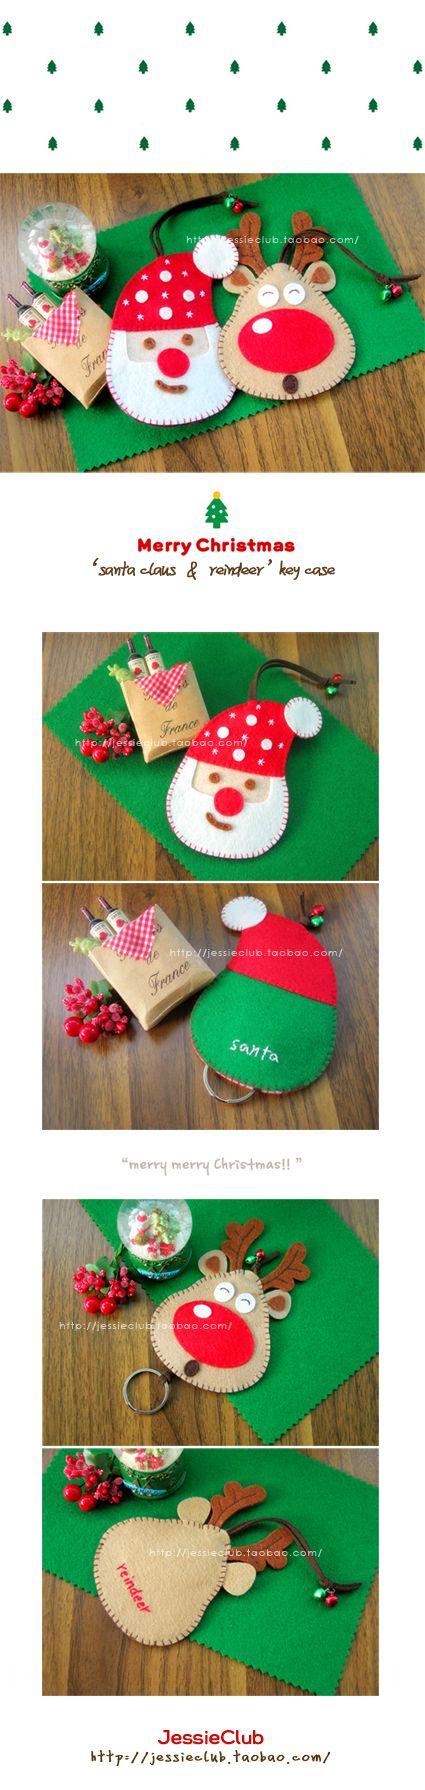 不织布DIY材料包---*圣诞老人;驯鹿 钥匙套* 圣诞节 新年礼品-淘宝网